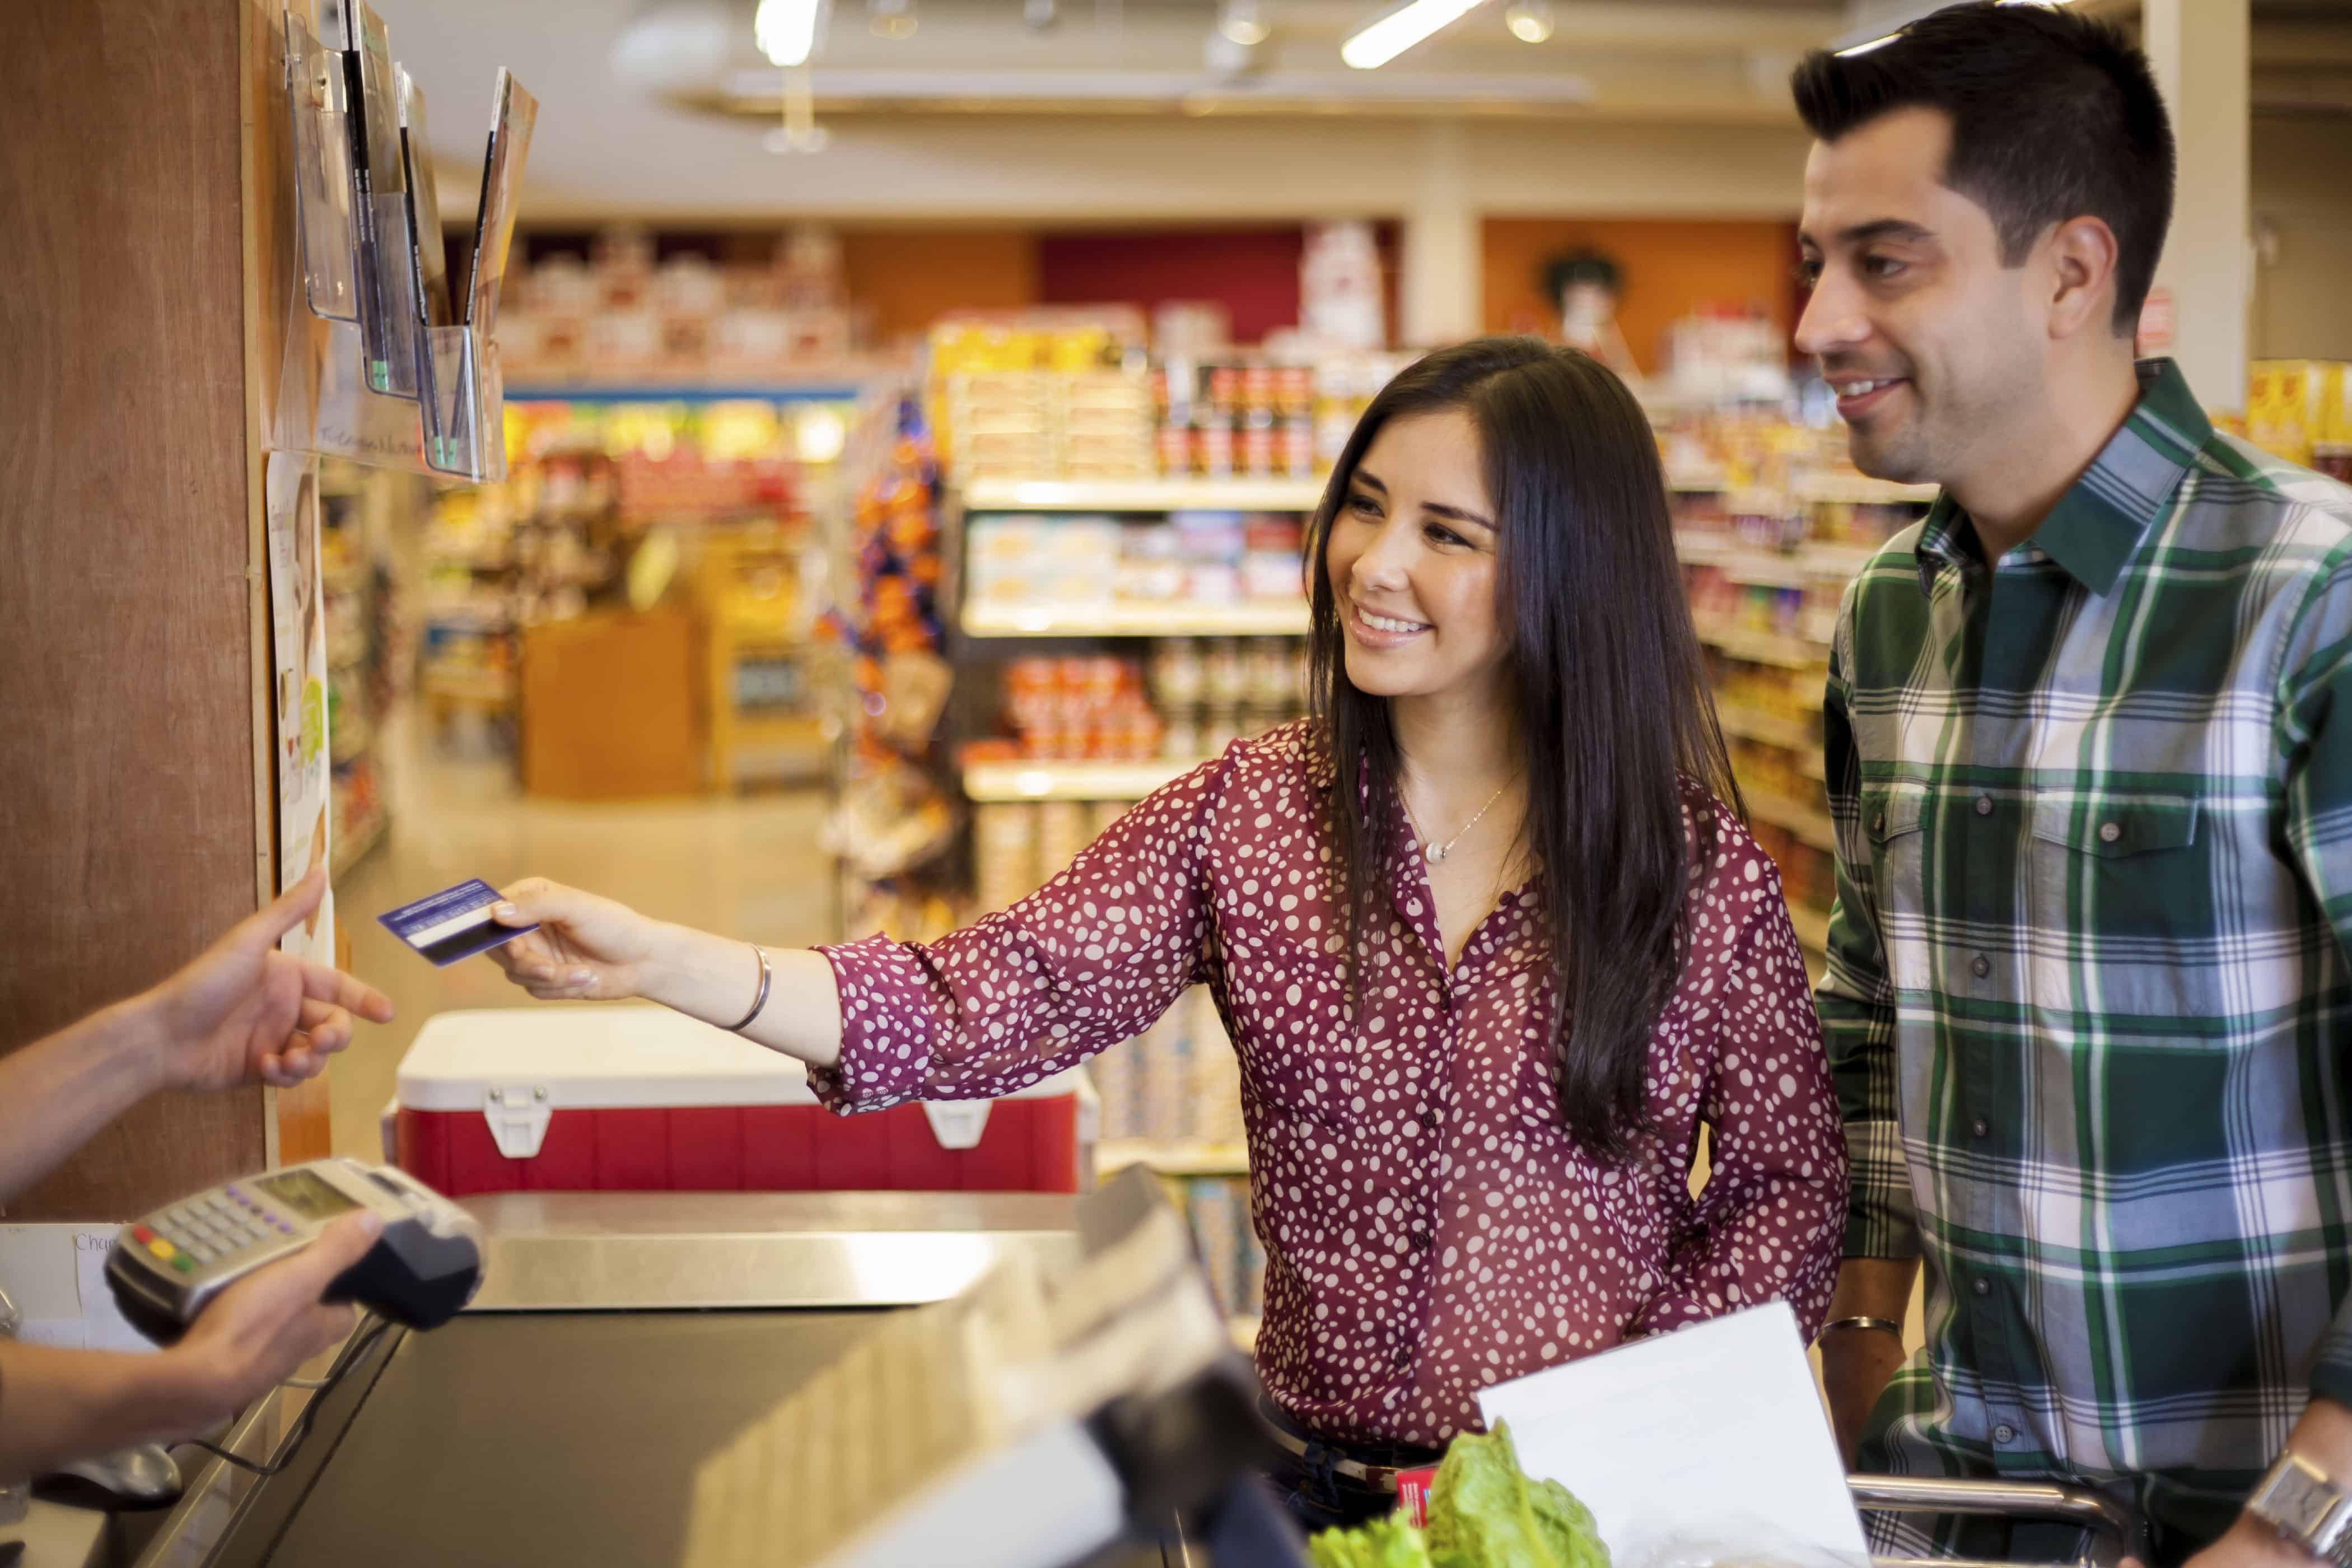 pareja feliz porque estan ahorrando con programas de fidelización